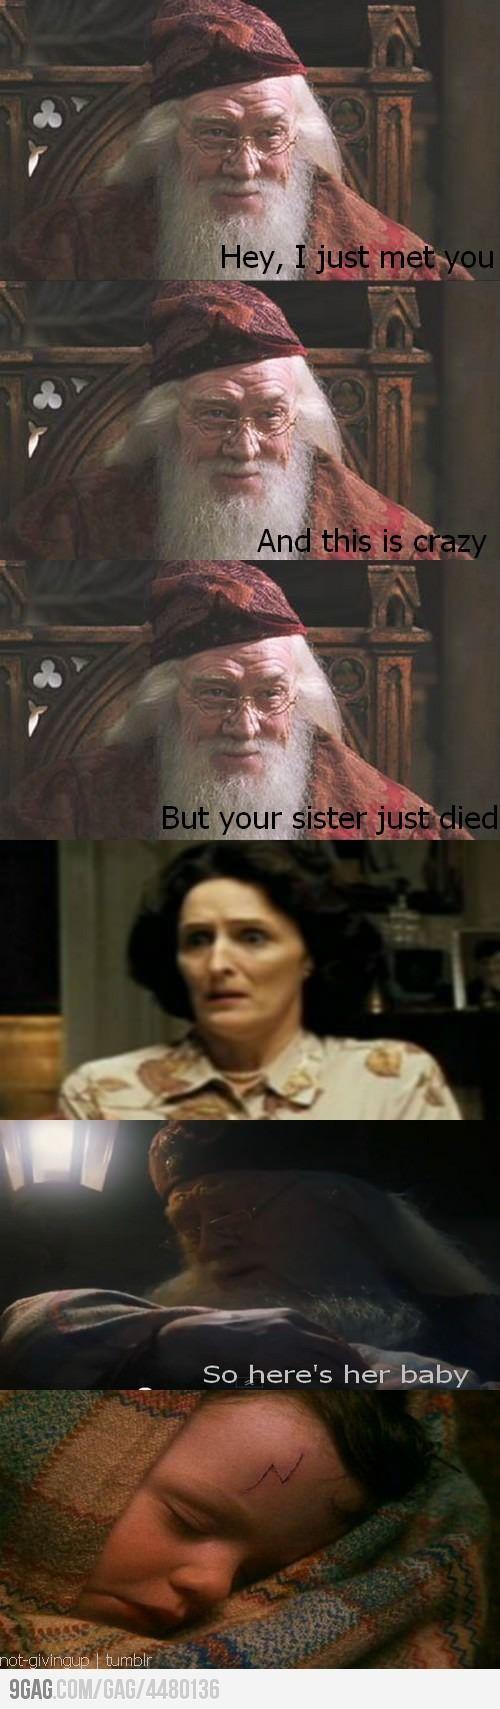 That's a knee slapper!: Dumbledore Call, Potter Joke, Harry Potter Style, Harrypotter, Potter Call, So Funny, Harry Potter Humor